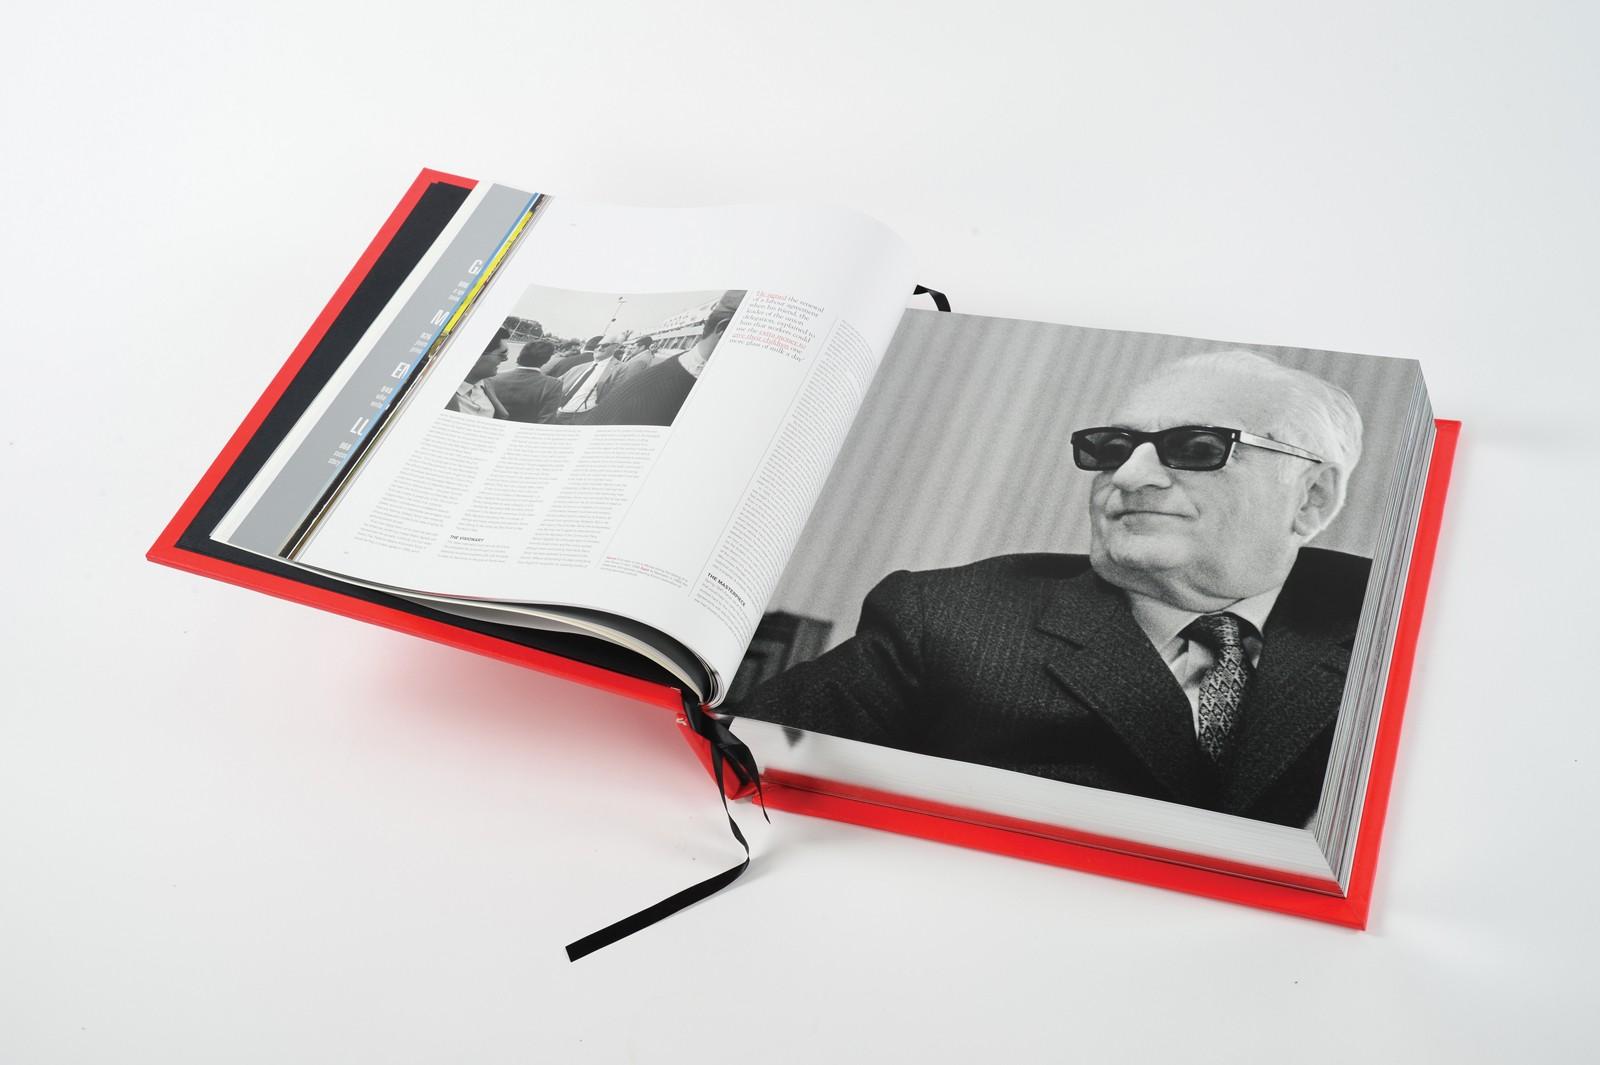 Книгу о Феррари продадут поцене Порше 911 GT3